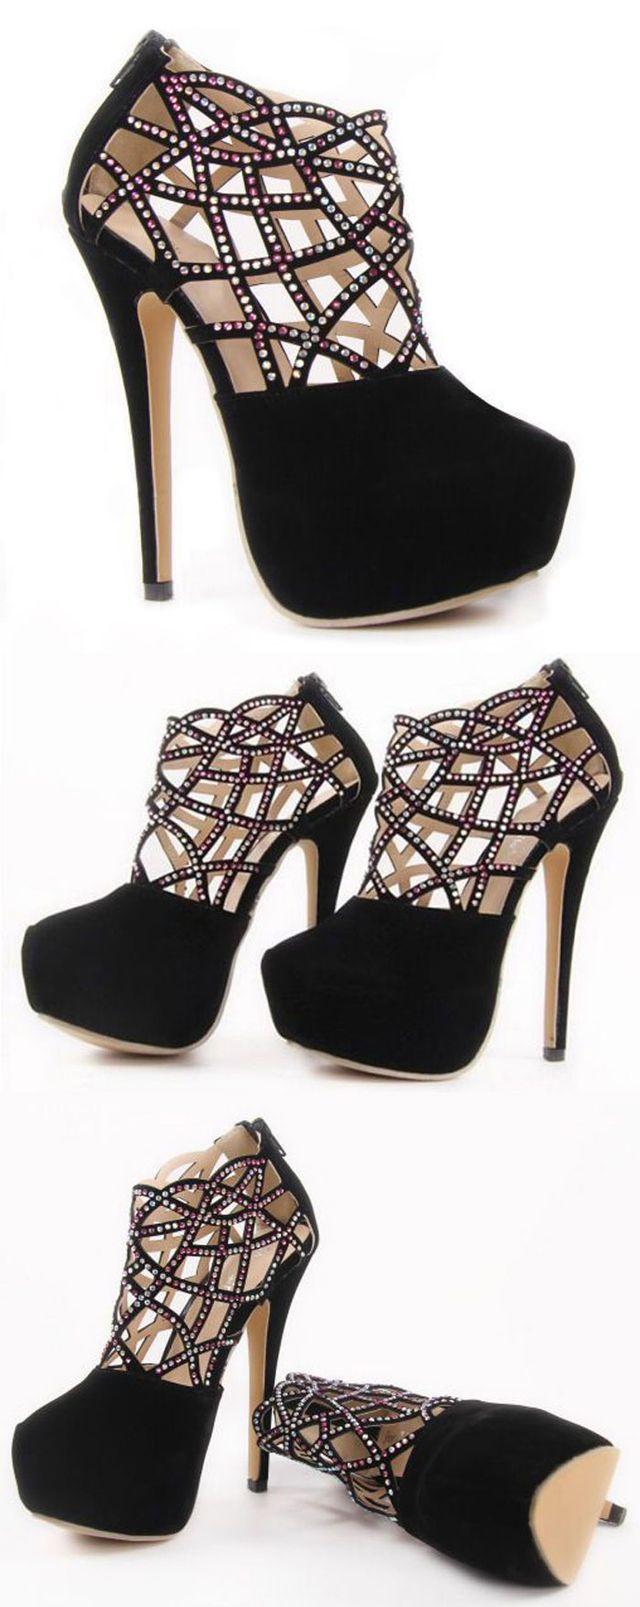 Diamante lace cutout heels //. Ankle Strap HeelsAnkle StrapsOnline  MarketplaceBaby ItemsWomen's ShoesDress ShoesDigital ...